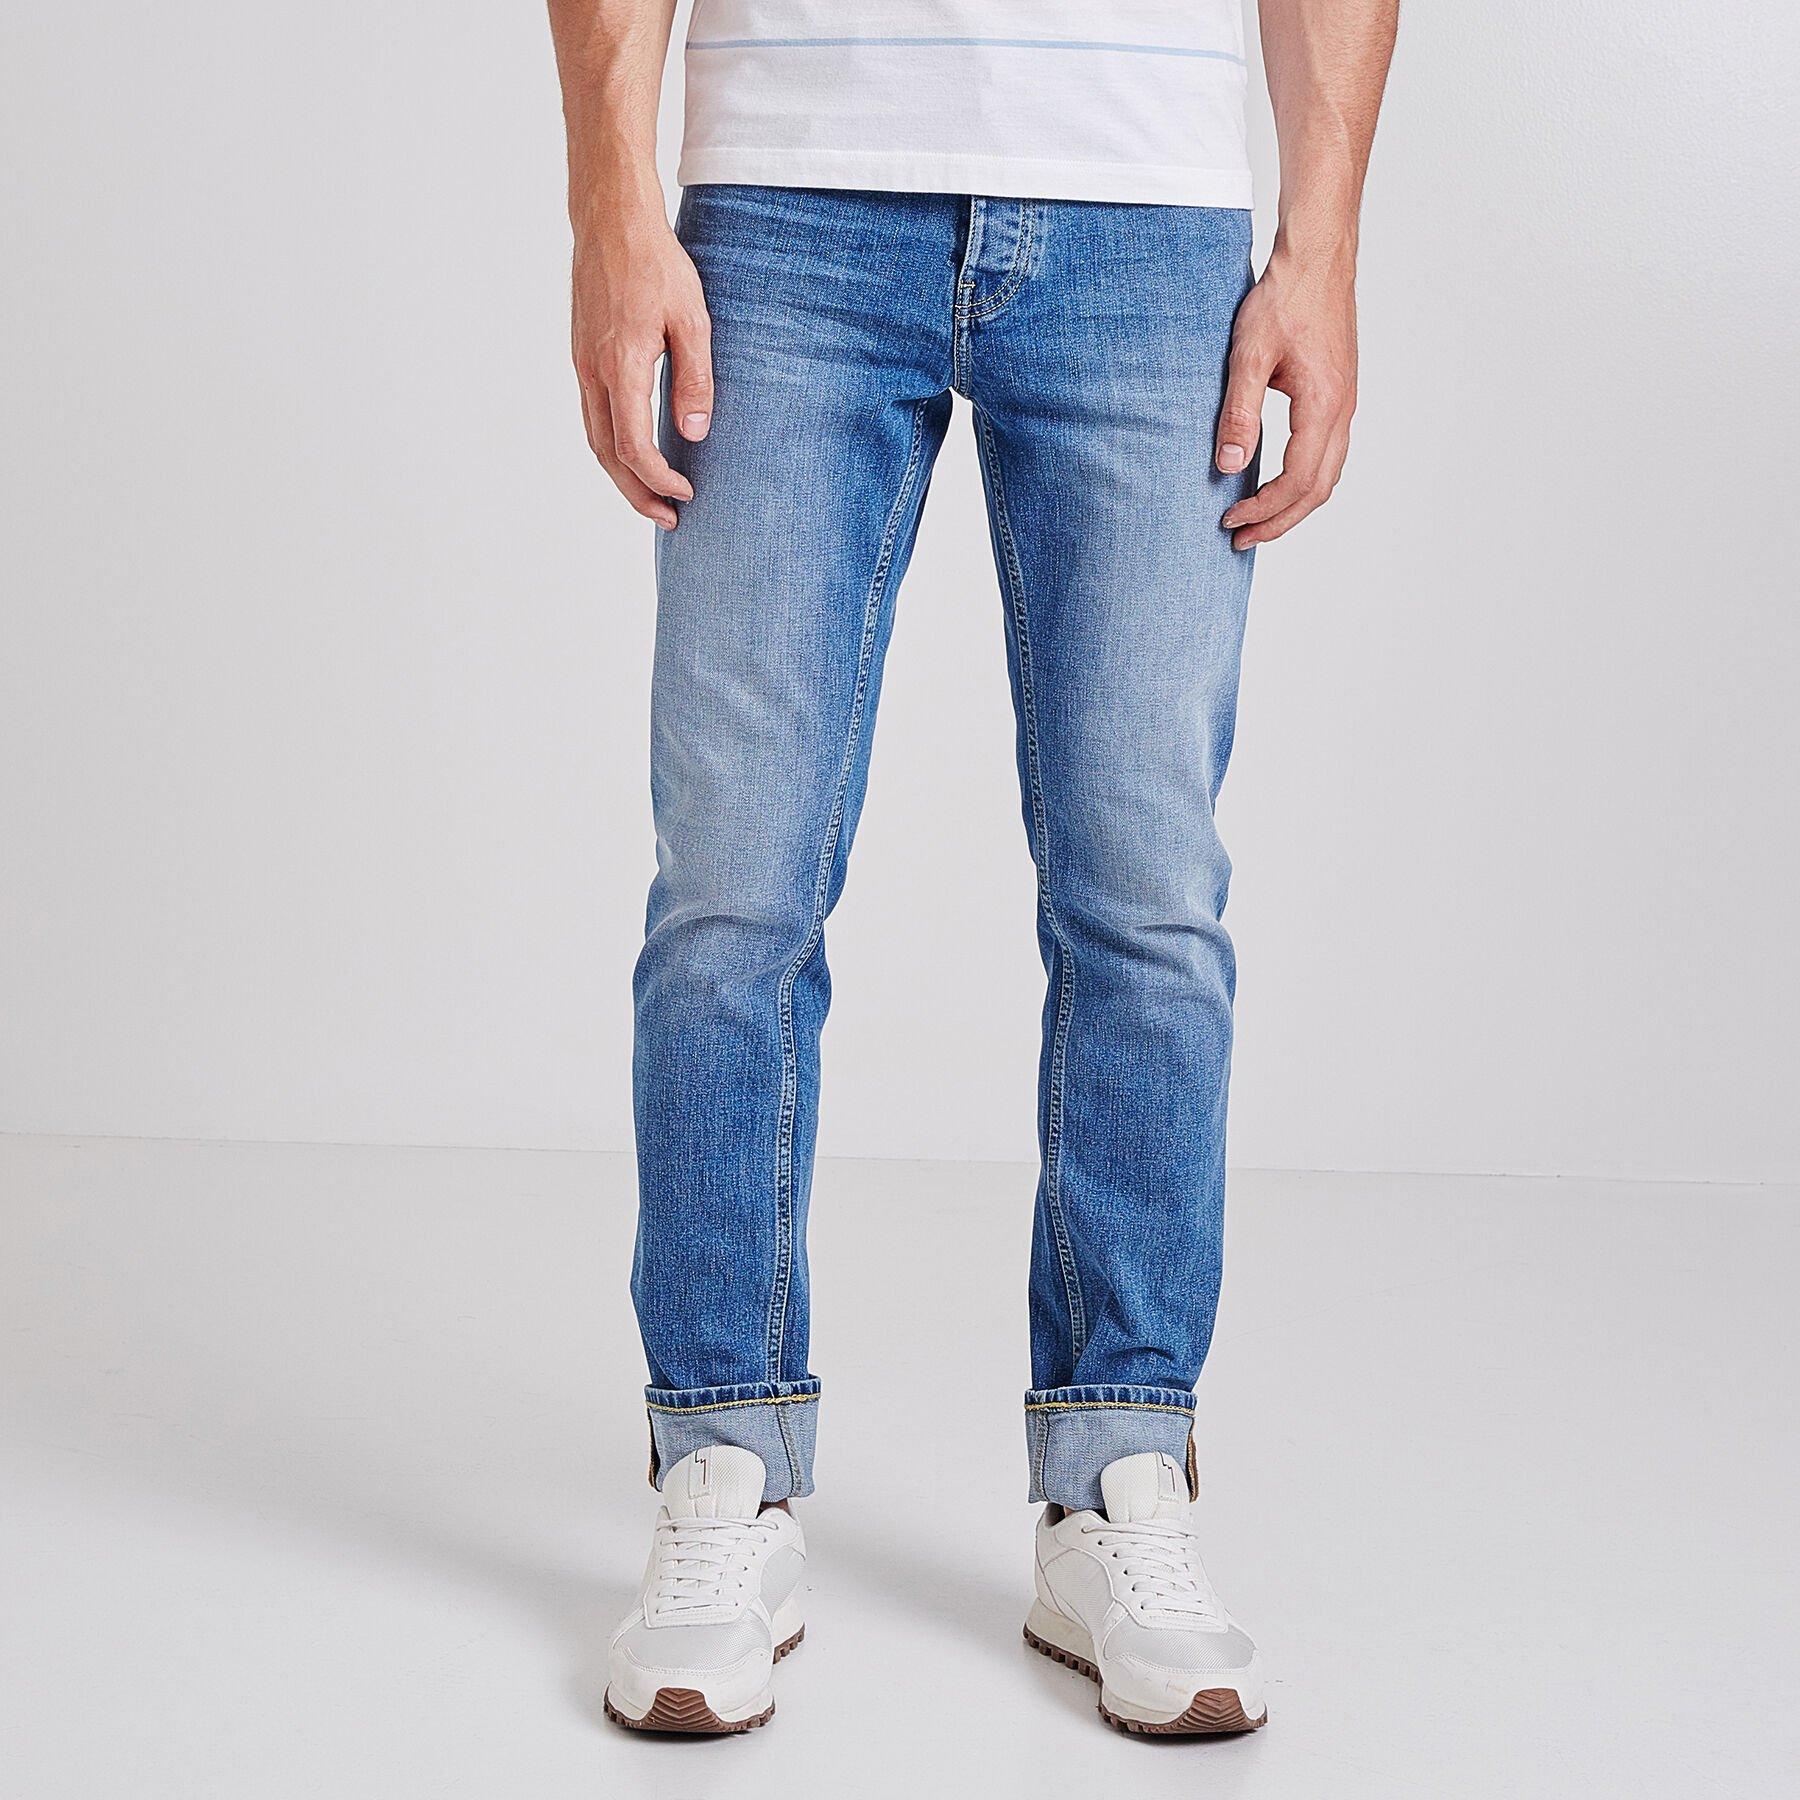 Regular Jeans Homme Jules Slim Skinny Jean t6Rw6qBx